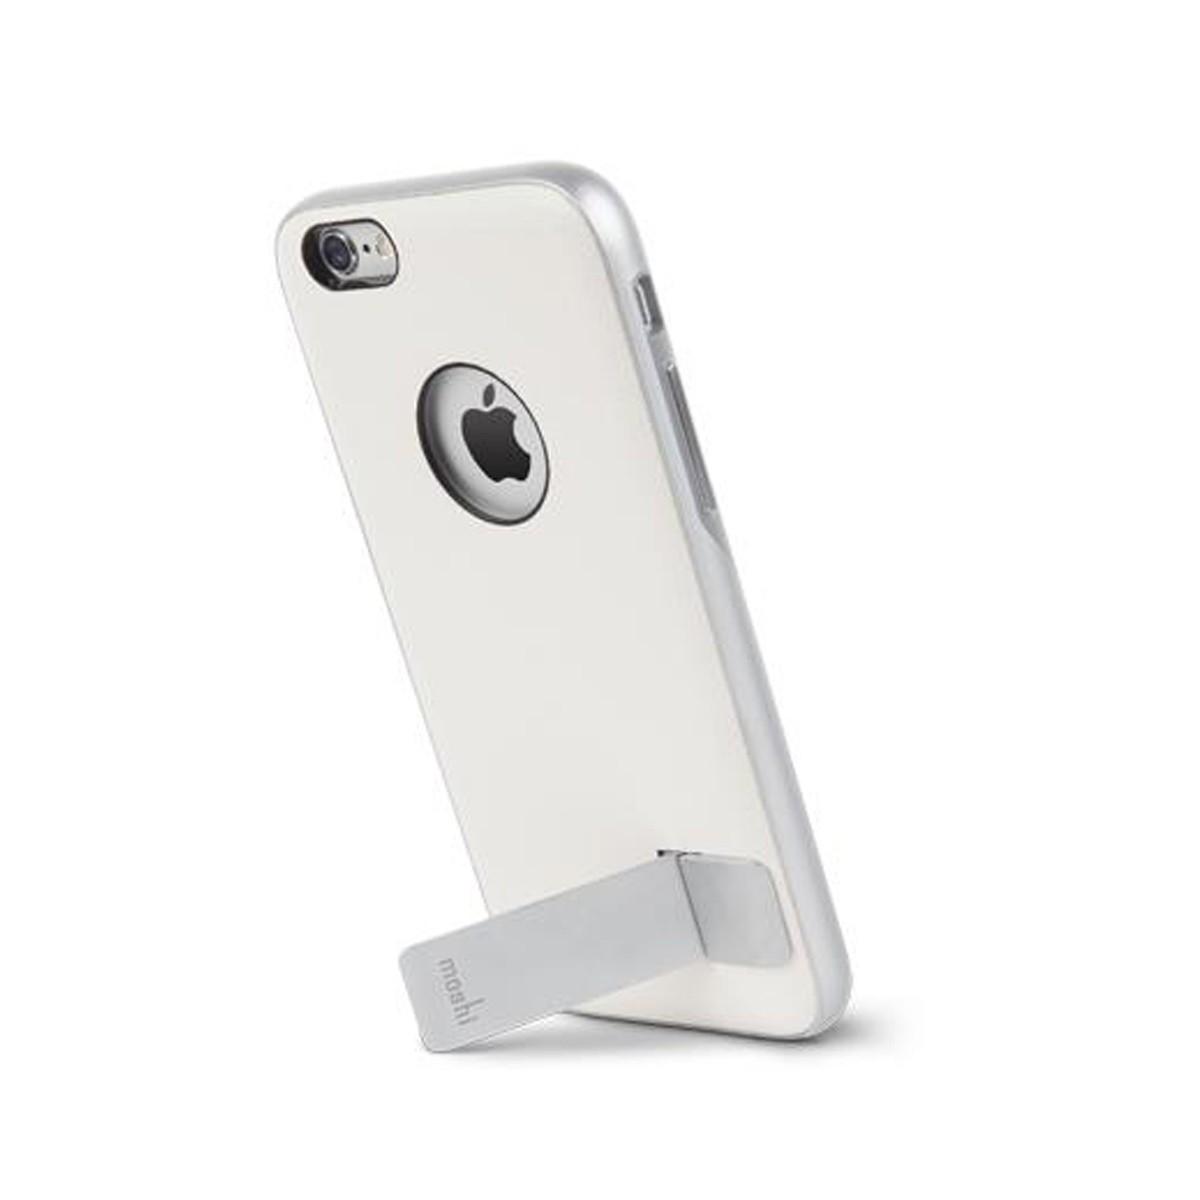 Moshi Kameleon iPhone 6 - Ivory White